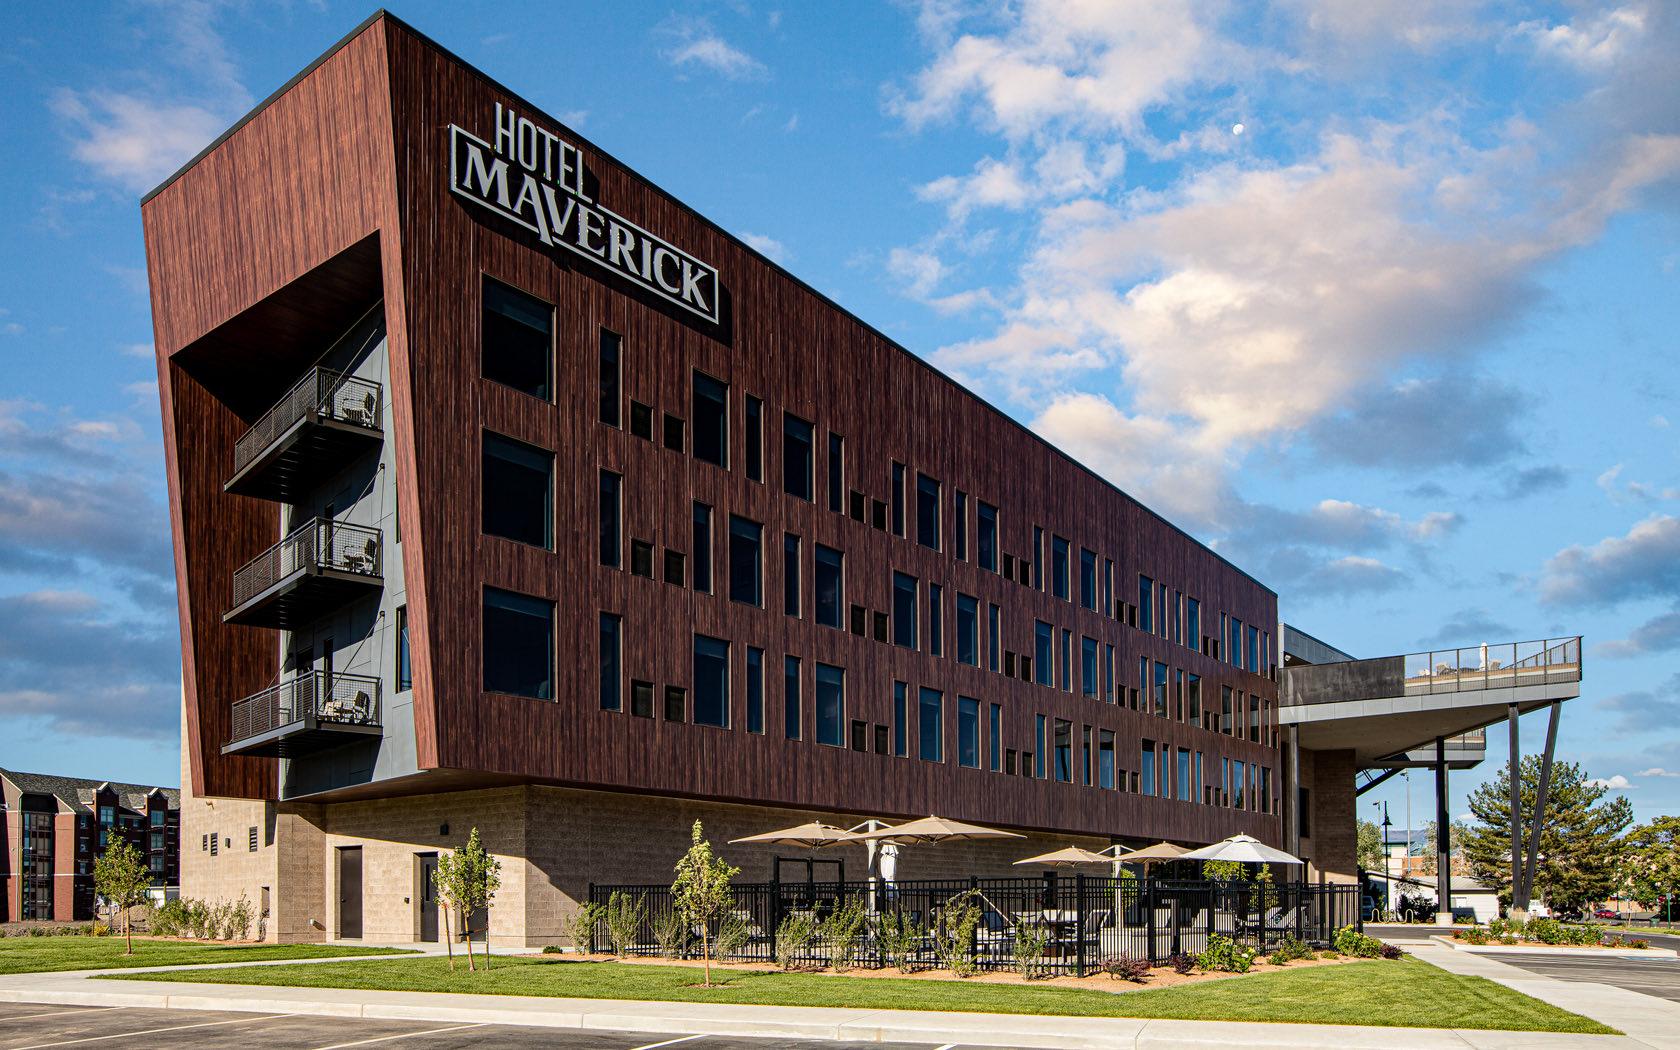 The Hotel Maverick Courtesy Photo